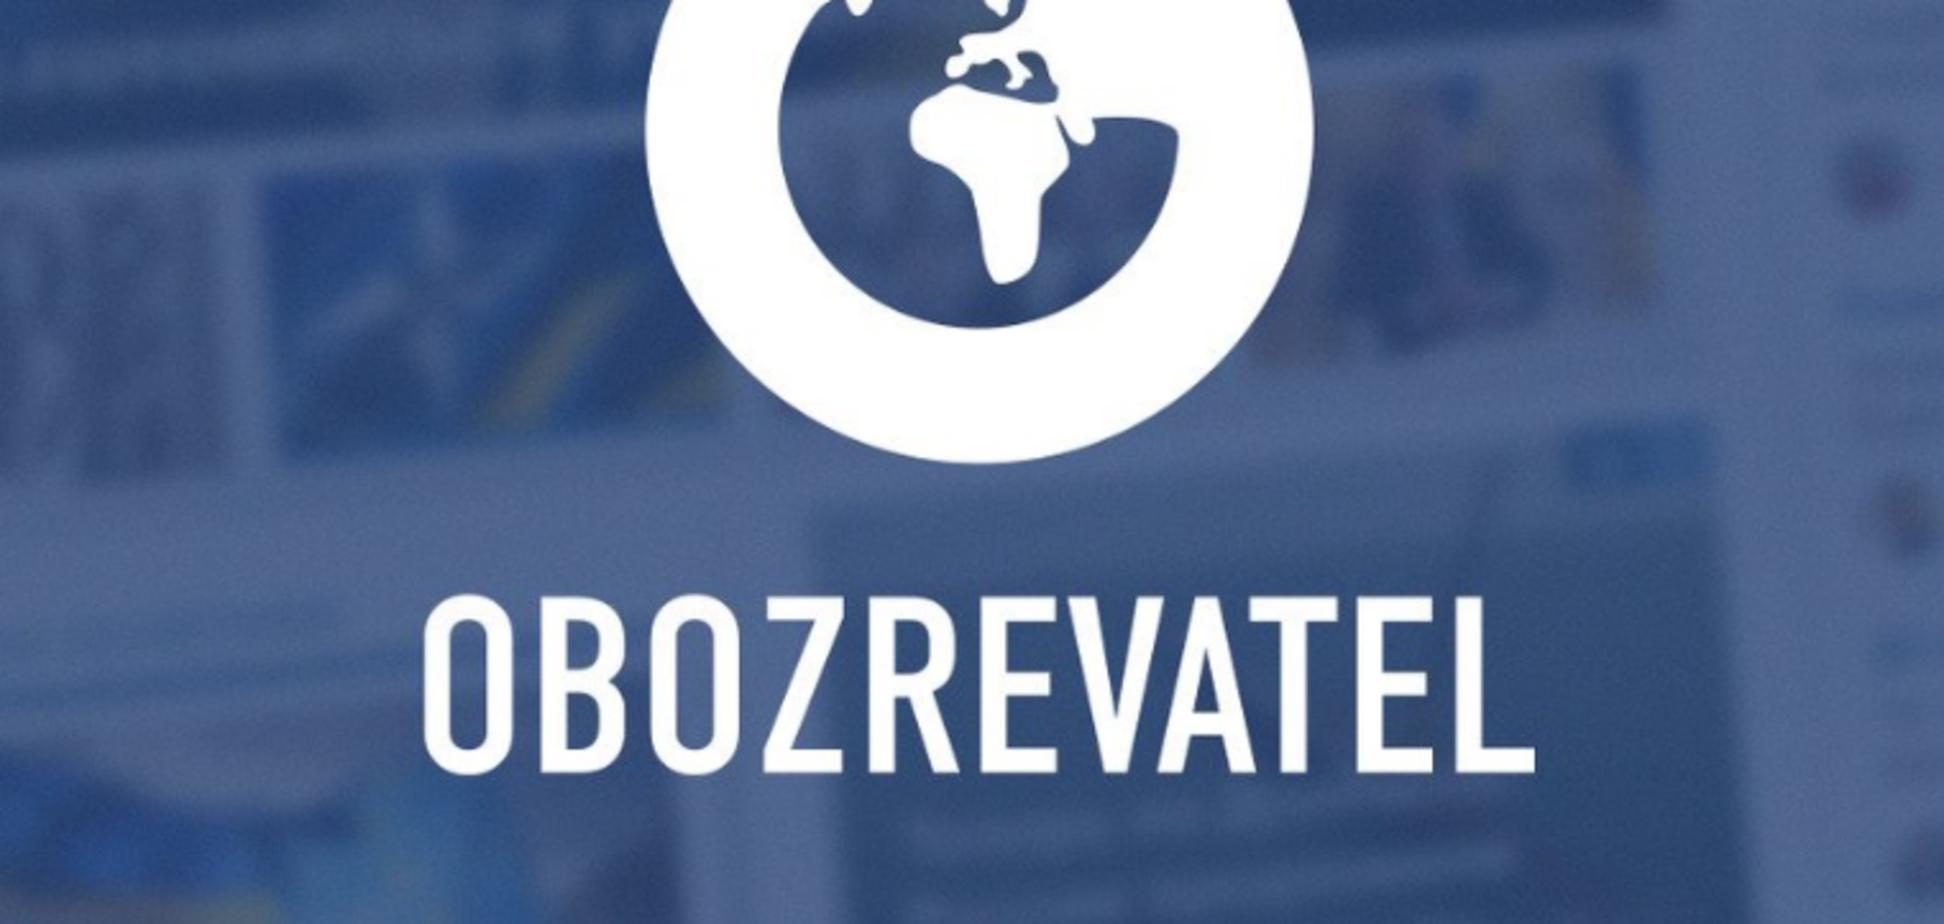 Это не 'зрада': OBOZREVATEL ответил на обвинения в публикации экзит-полов